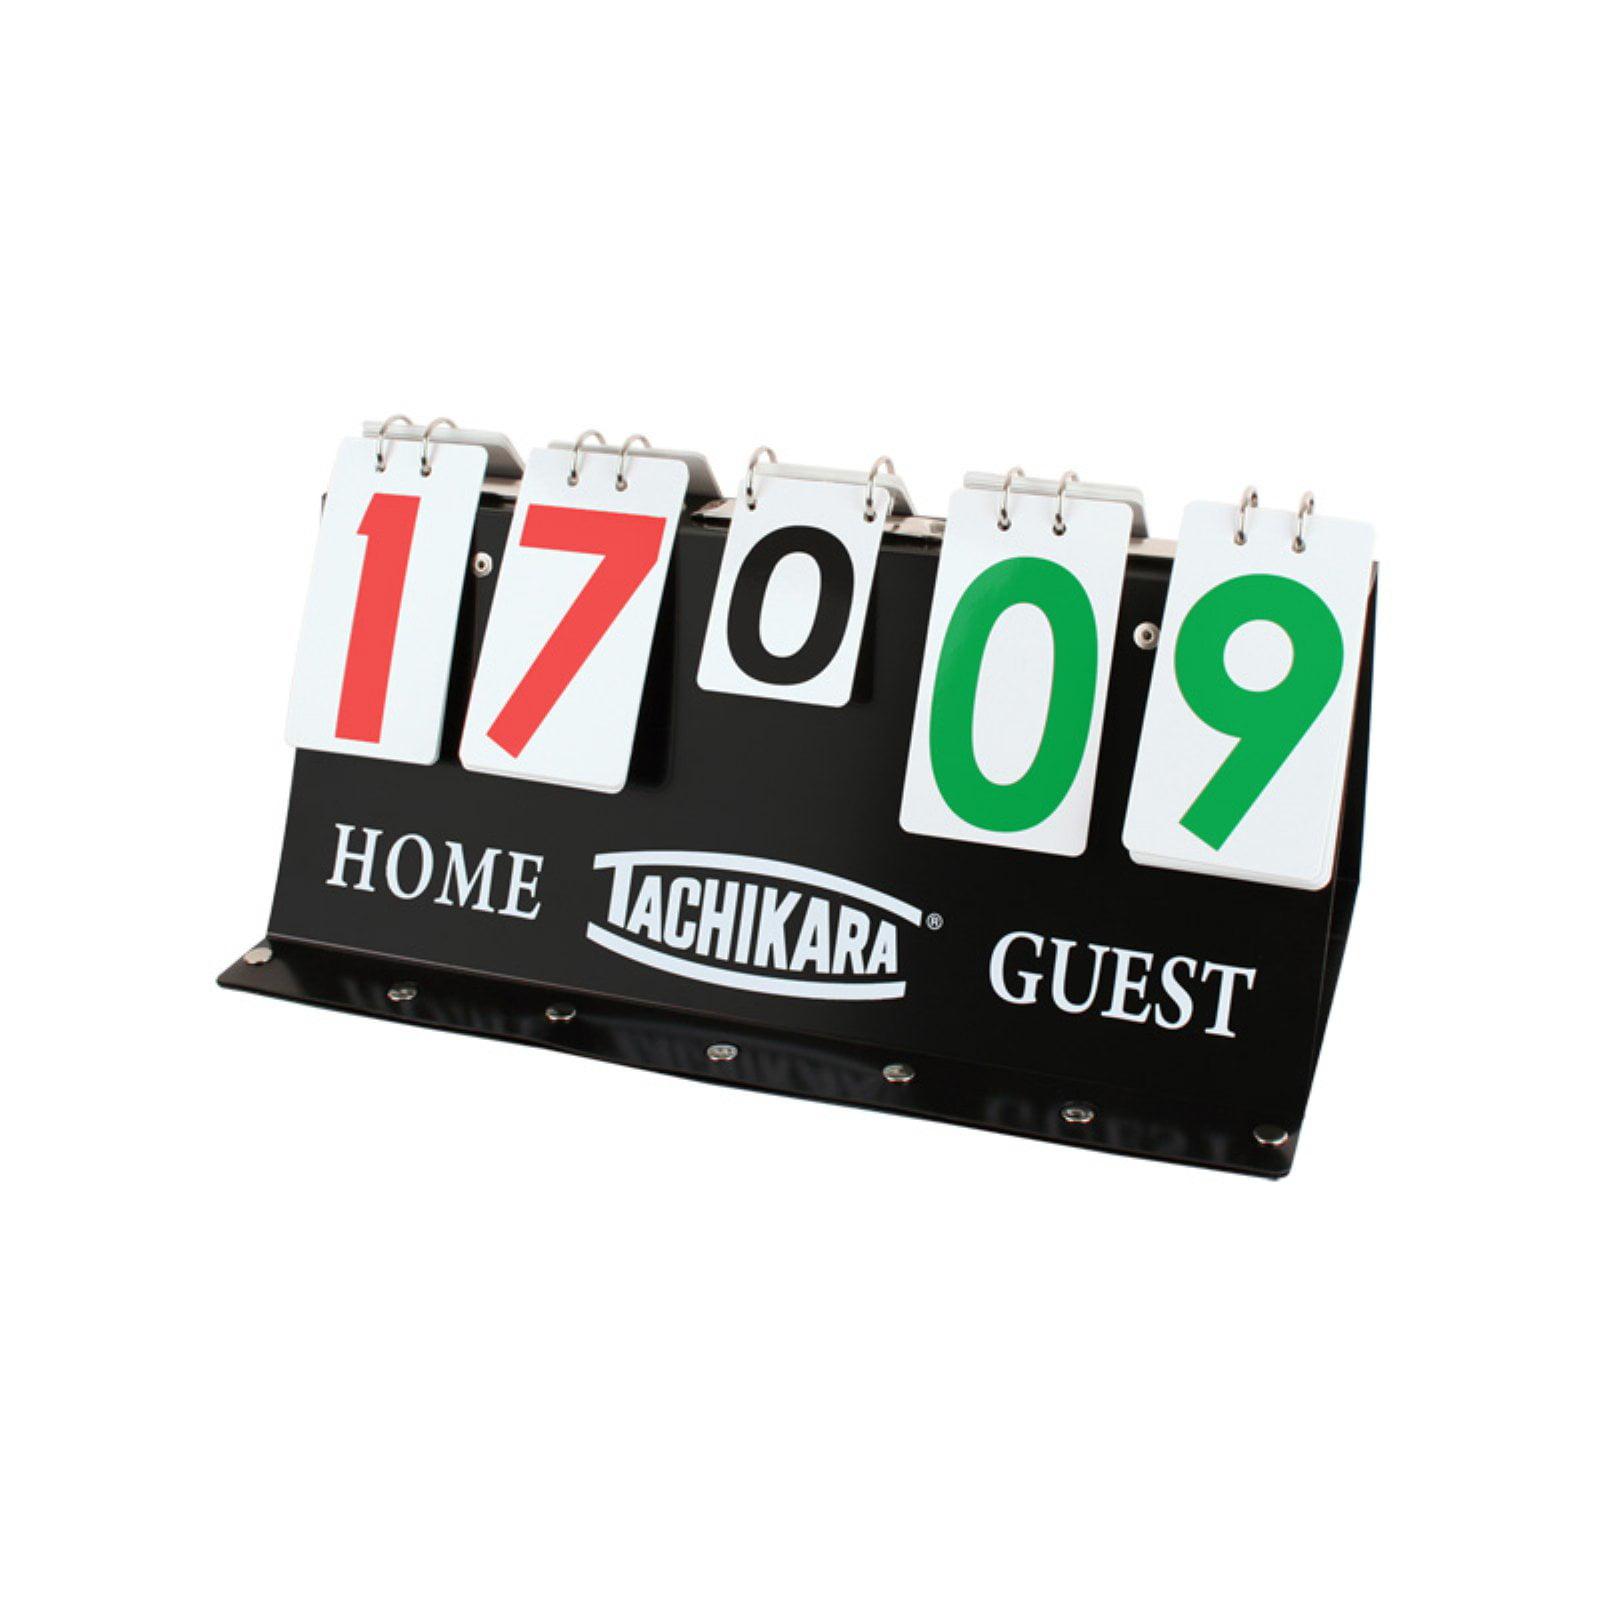 Tachikara Porta-Score Portable Scoreboard, Black